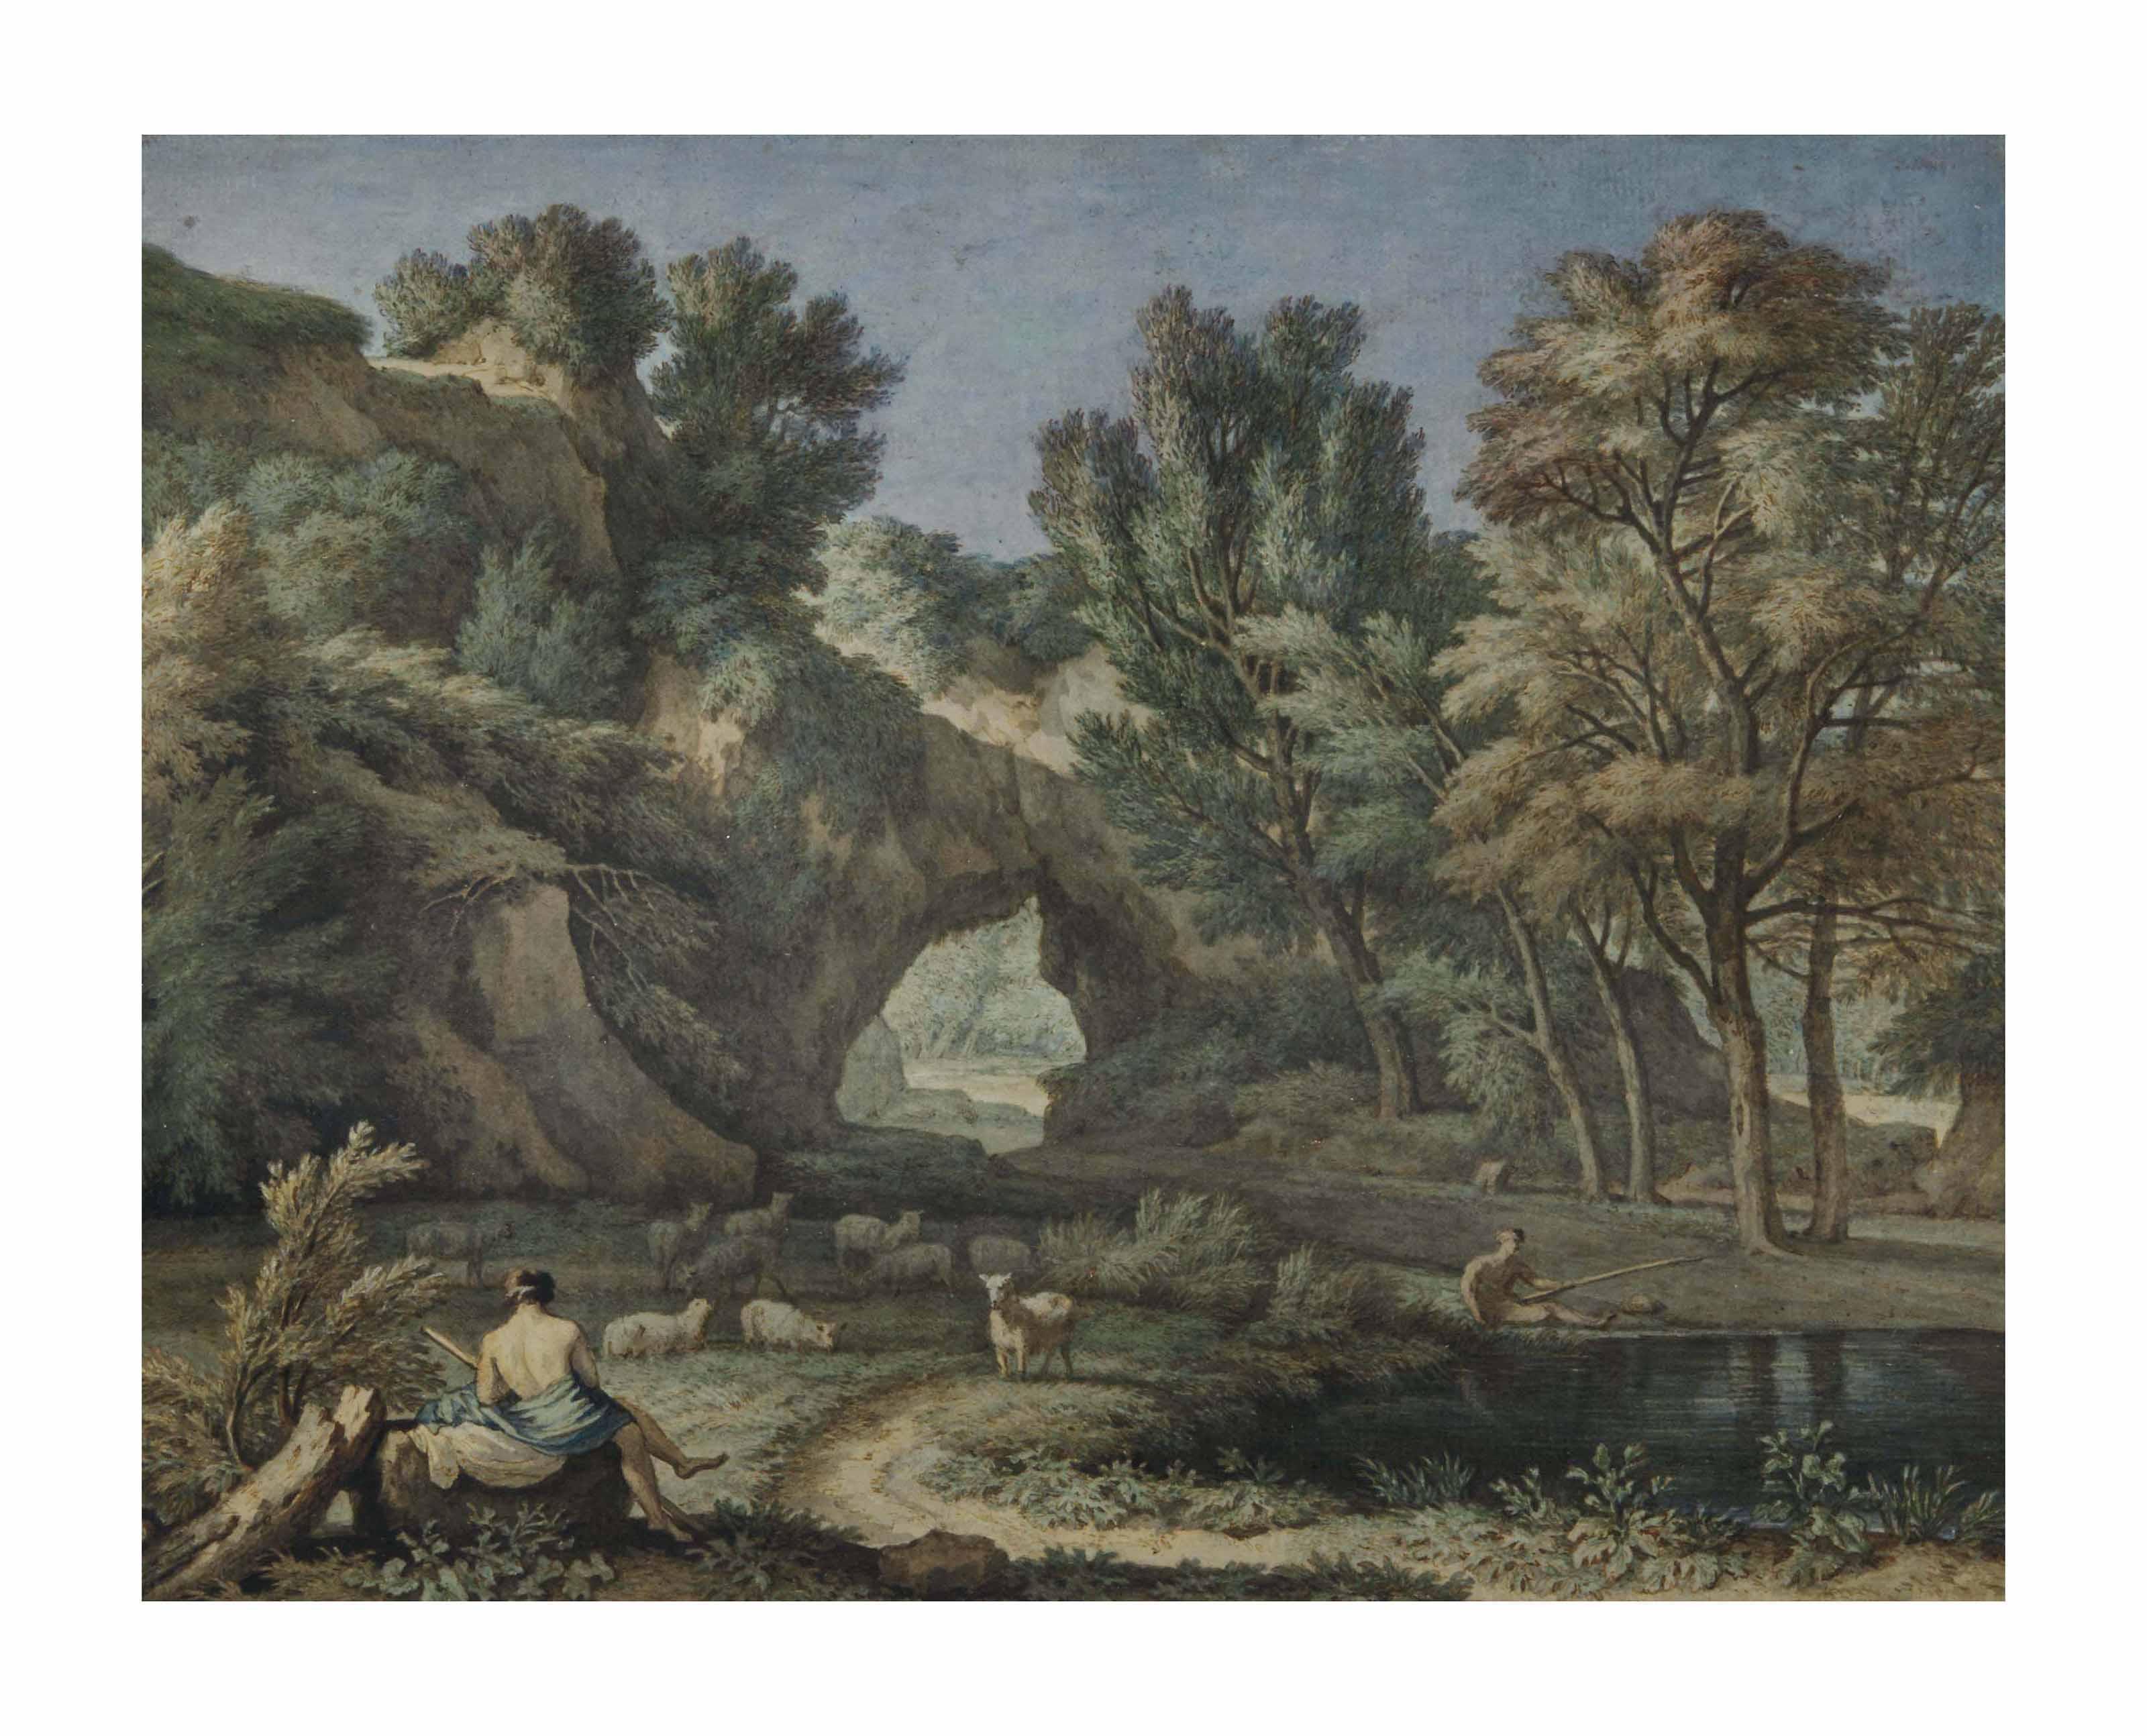 Paysage arcadien avec un berger au repos et un pêcheur près d'un étang, d'après Gaspard Dughet